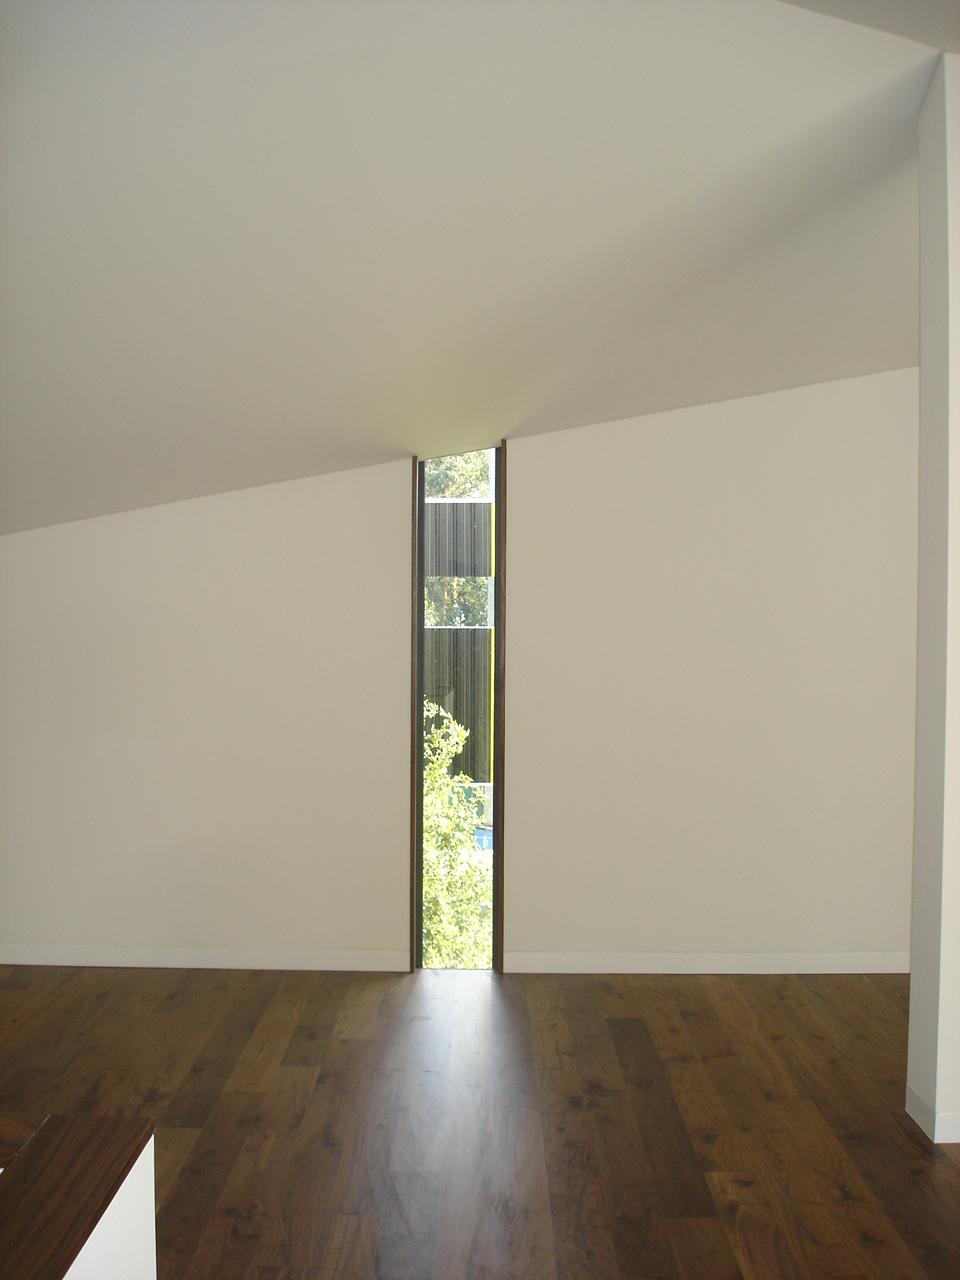 Arquitectos e engenheiros da utopia arquitectos casa - Arquitectos casas modernas ...